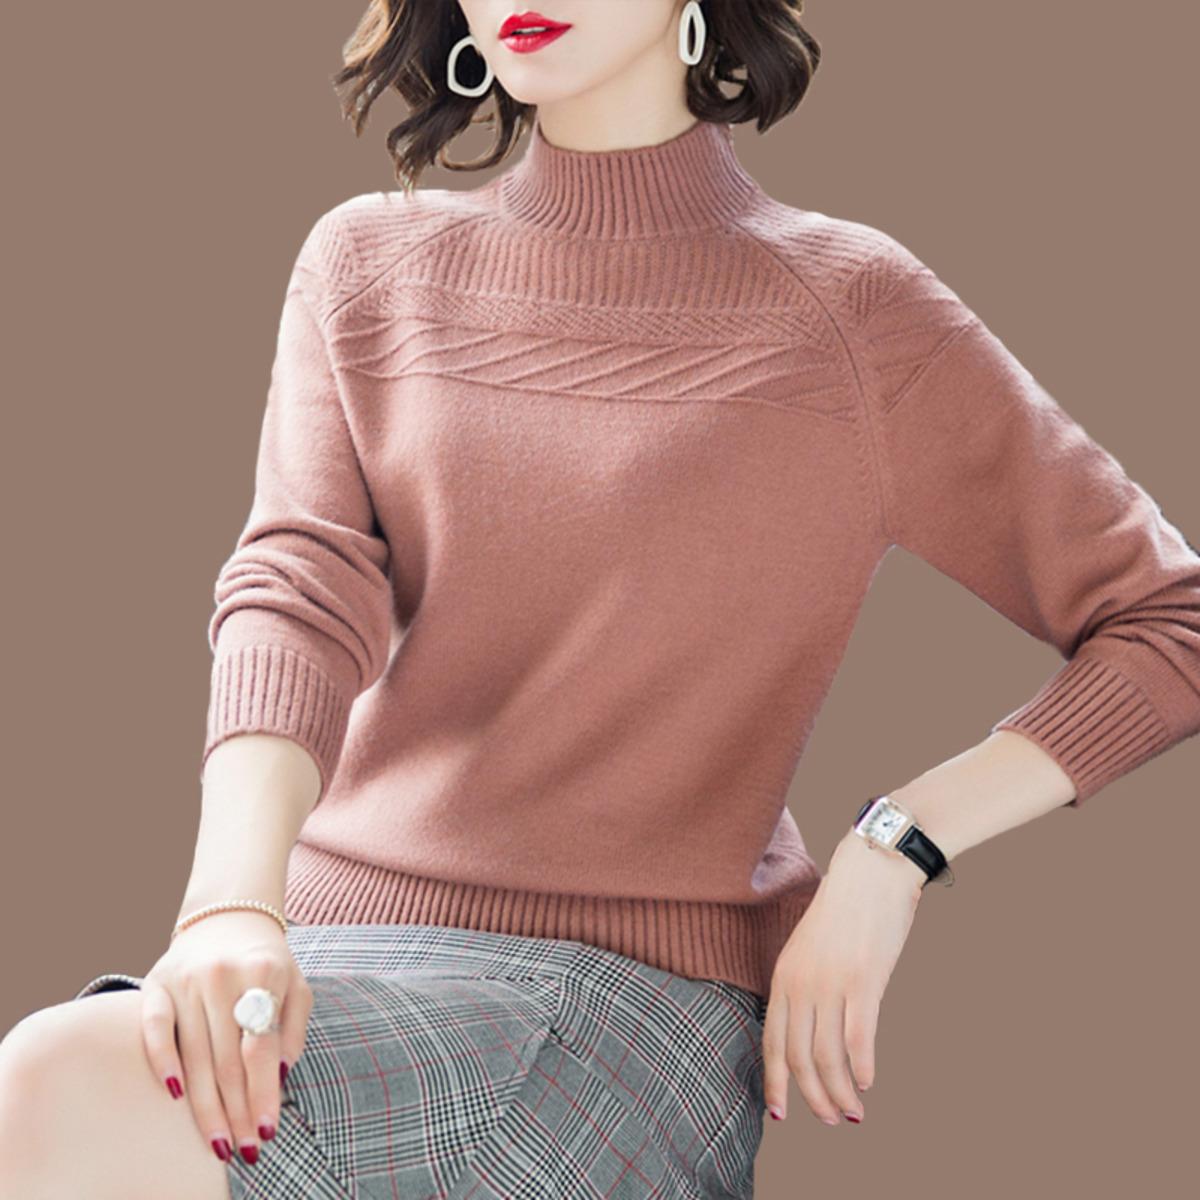 半高领毛衣女士纯2021新款秋冬季加厚款羊毛衫宽松套头打底羊绒衫